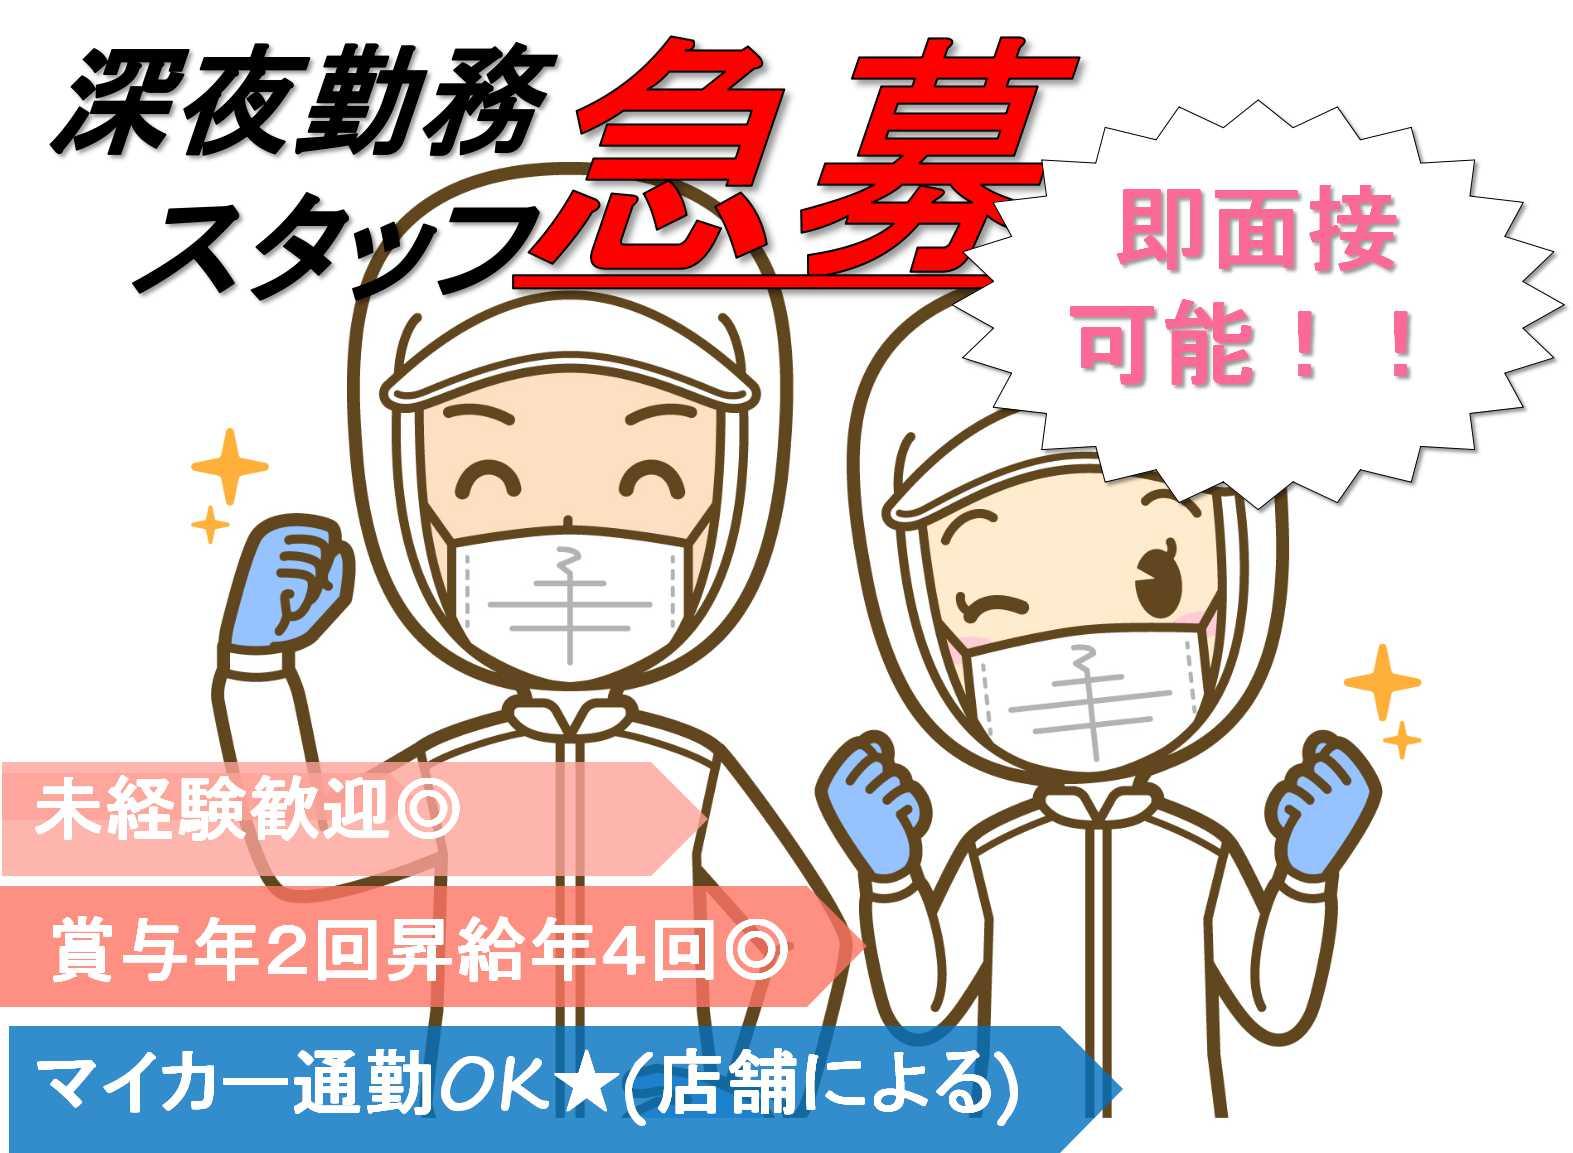 【急募】未経験歓迎♪研修充実!牛丼屋の深夜勤務スタッフ イメージ